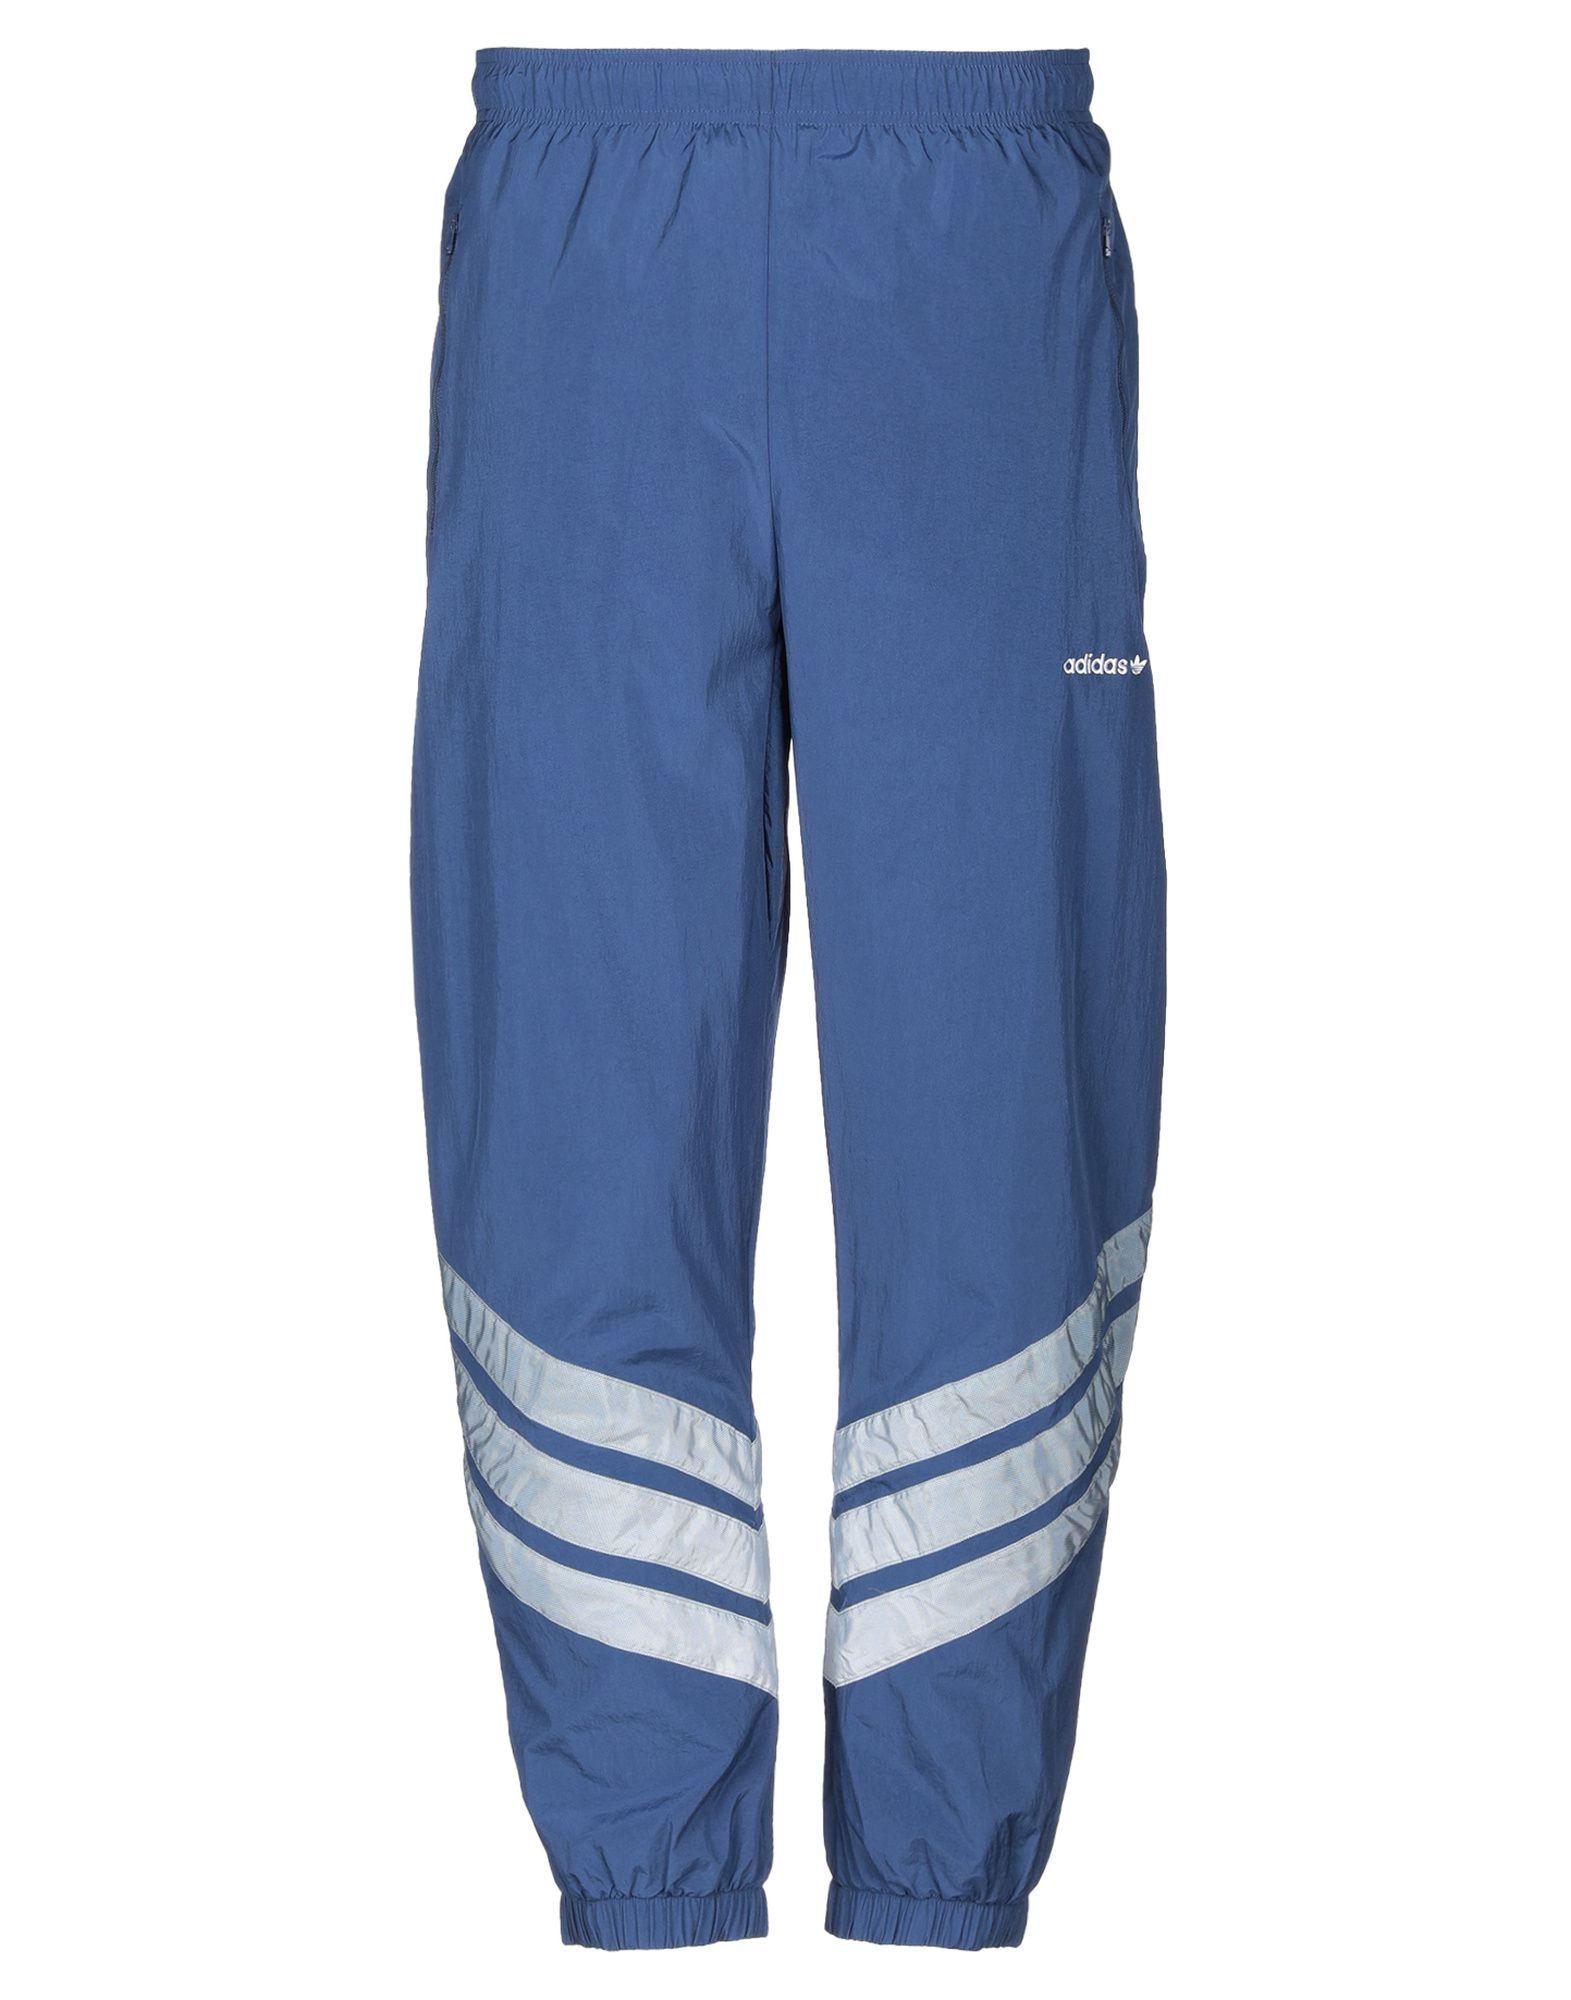 《送料無料》ADIDAS ORIGINALS メンズ パンツ ブルー S ナイロン 100%